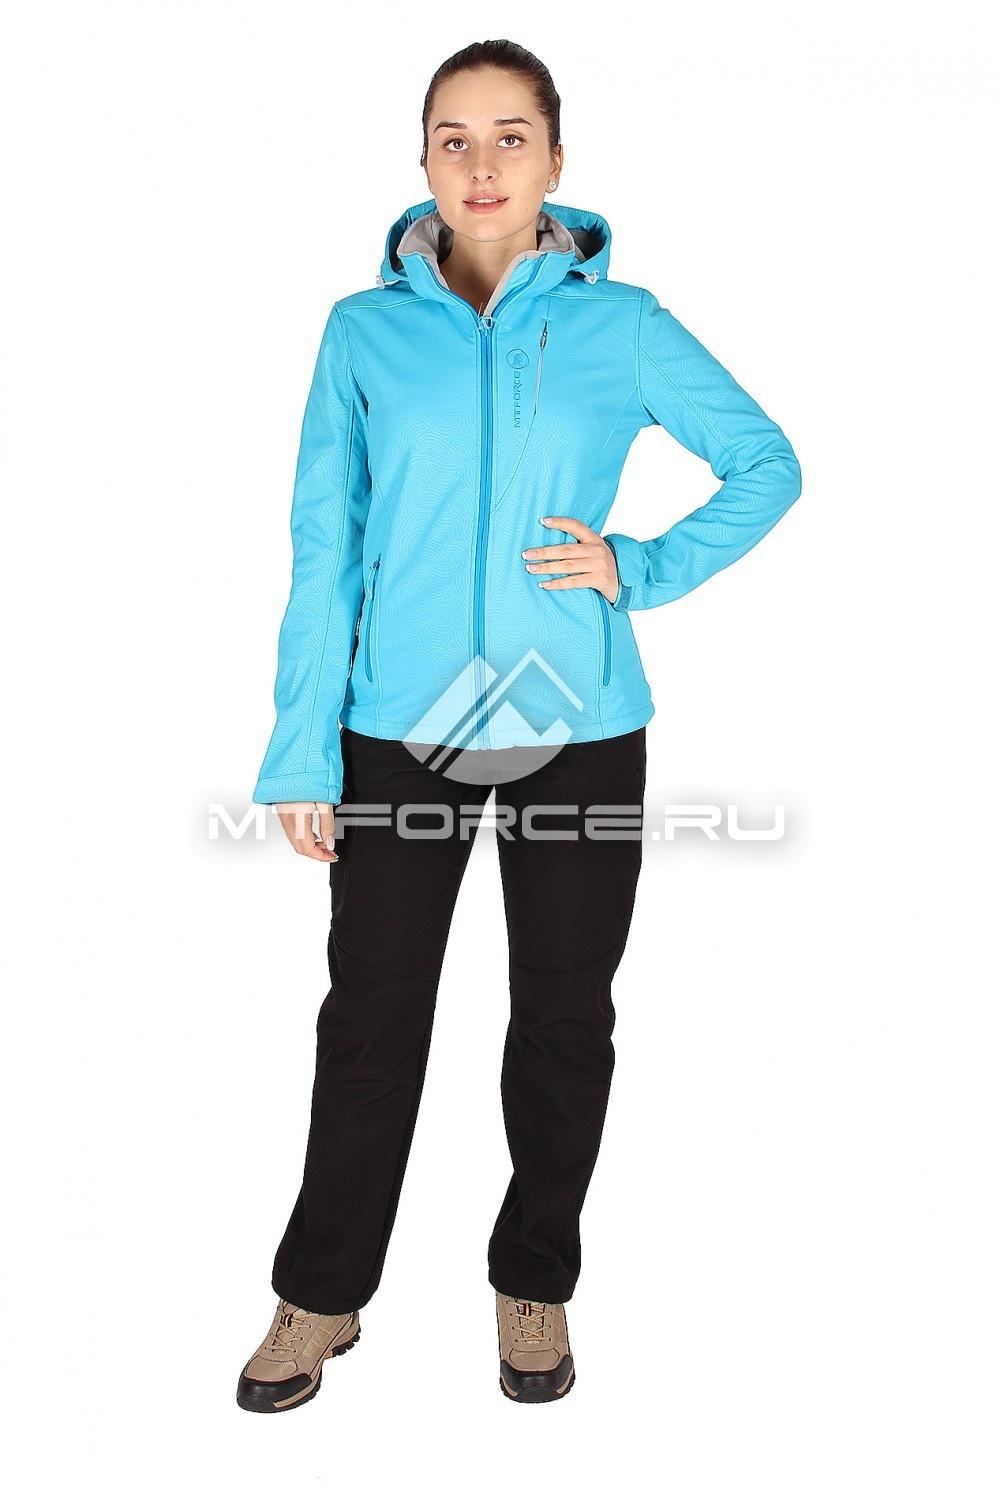 Купить                                  оптом Костюм виндстопер женский голубого цвета 01407Gl